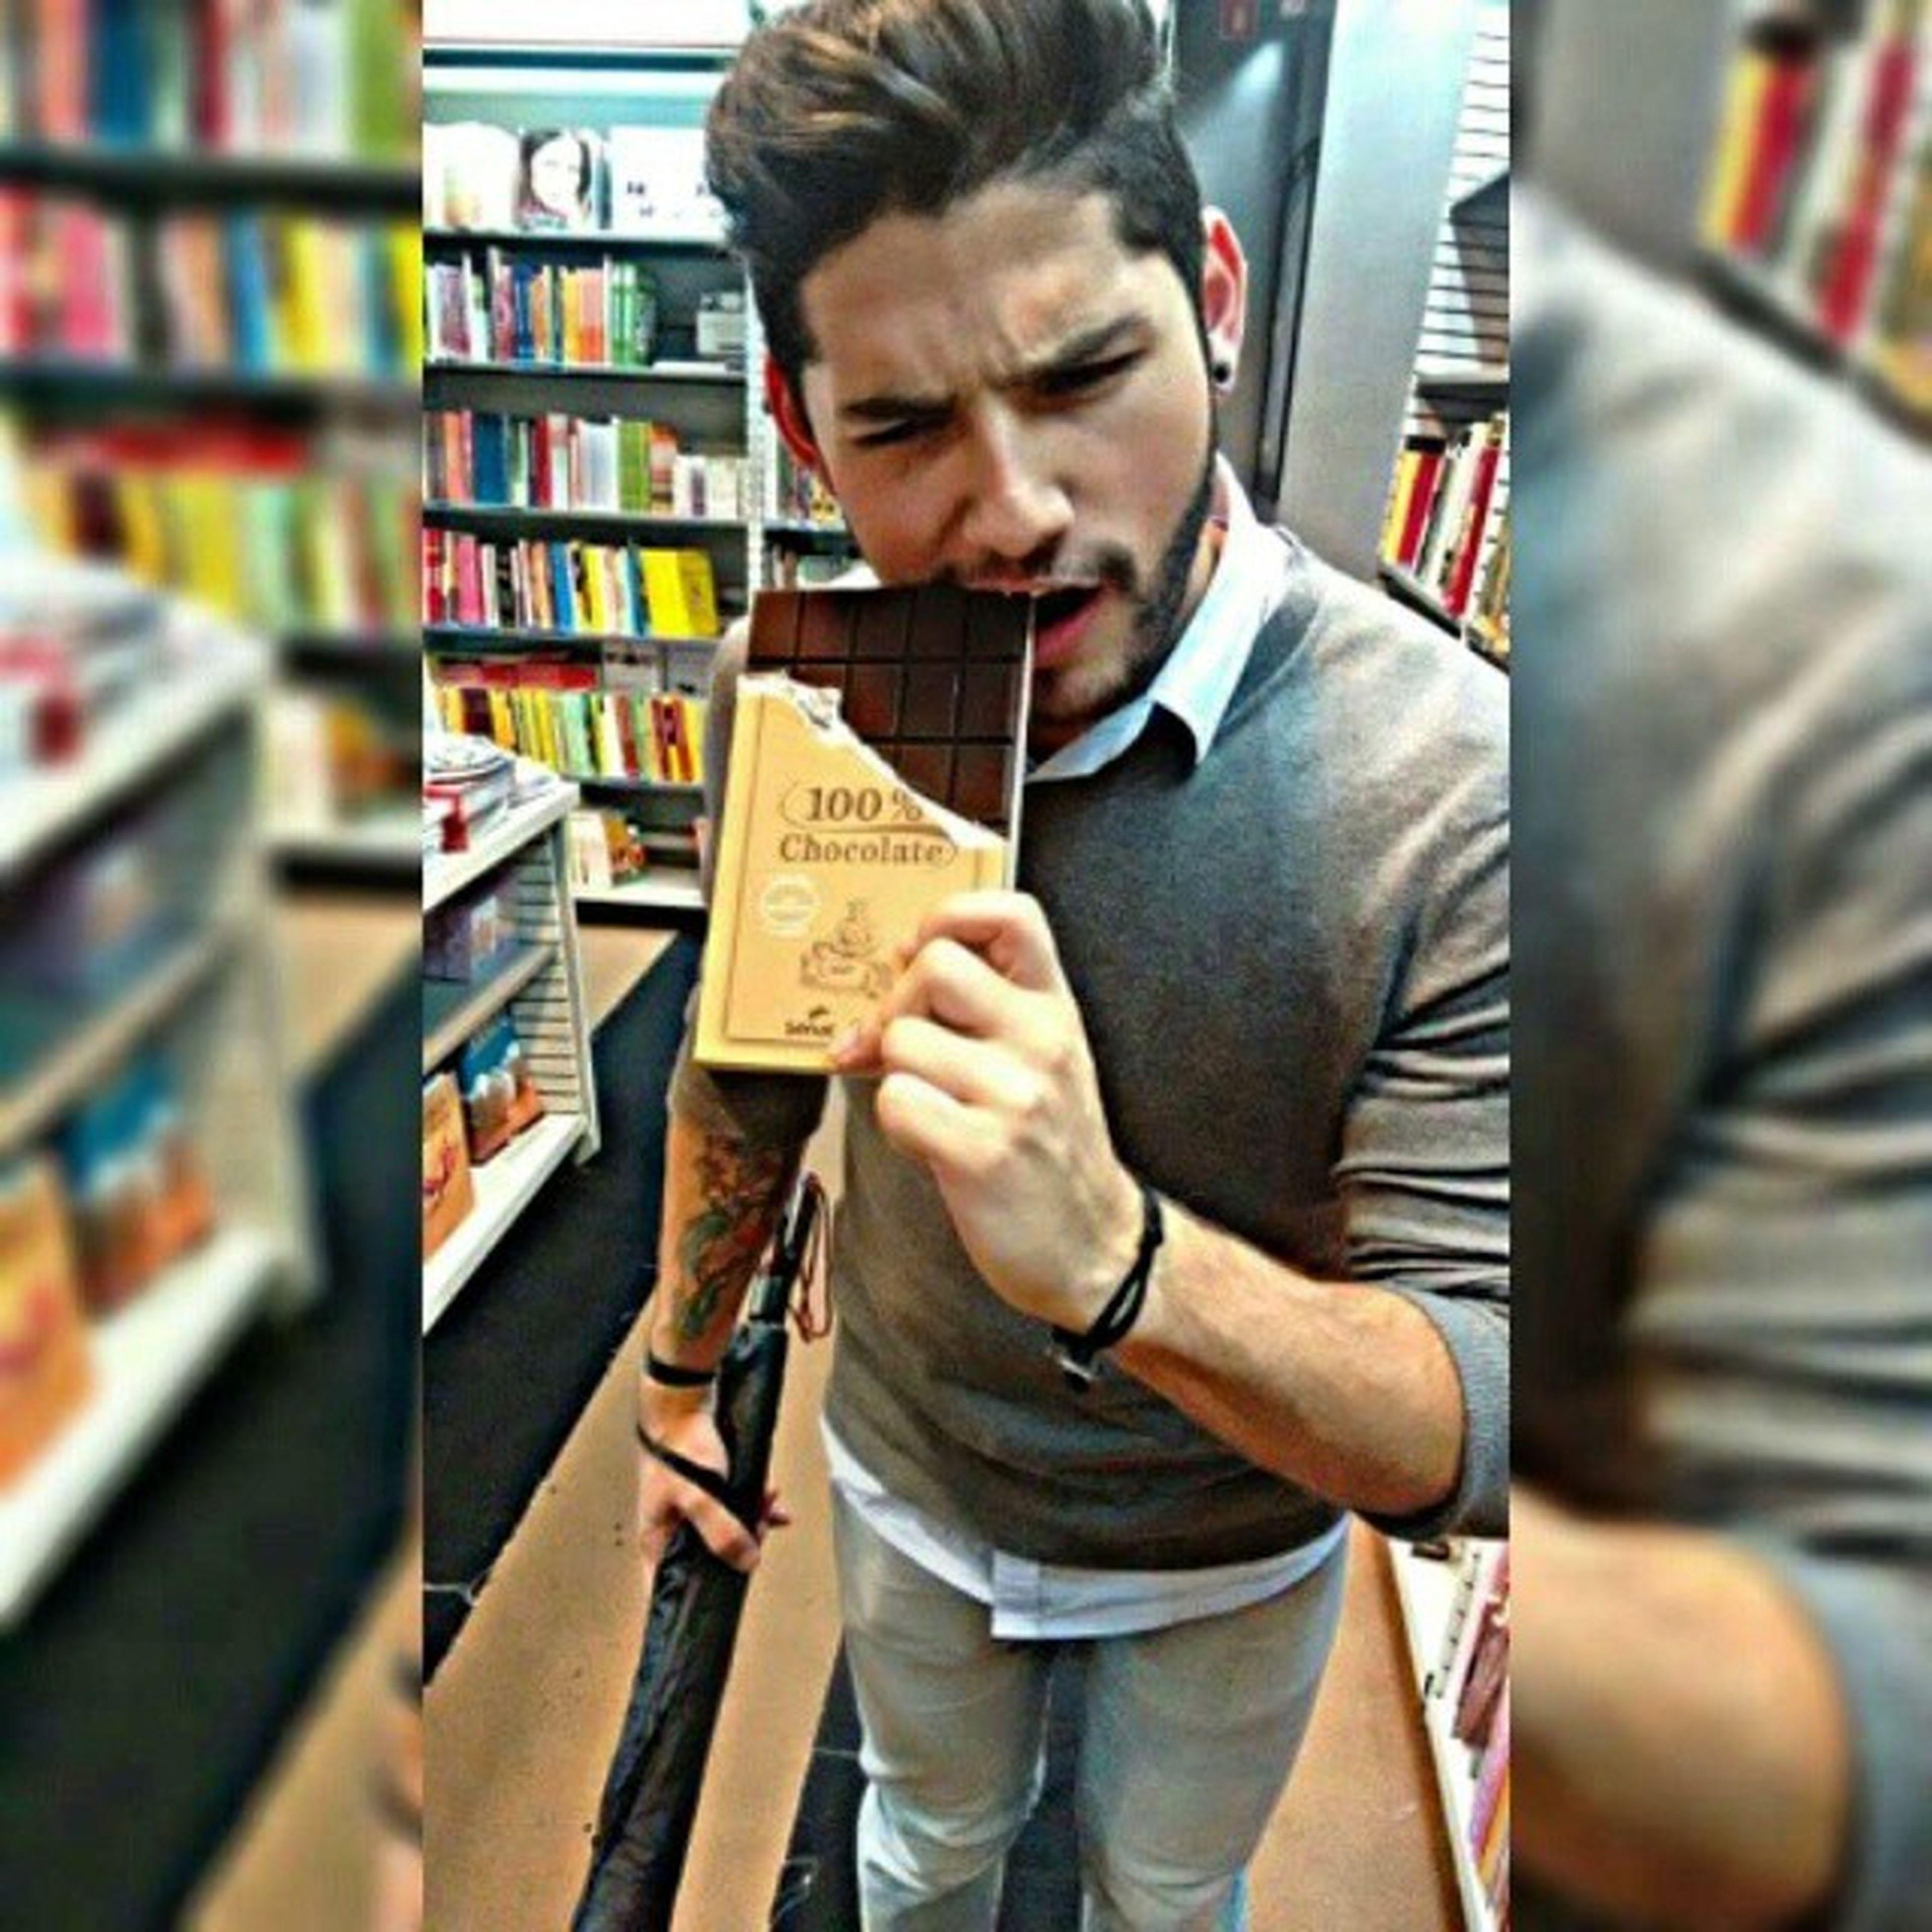 """""""Uma mordidinha de leve"""" no100% Chocolate, não pude resistir! 😊 👄🍫Instagran Insta 100 %chocolate FNAC Livraria Paulistaavenue Book Fnacsp Edição Guloso"""